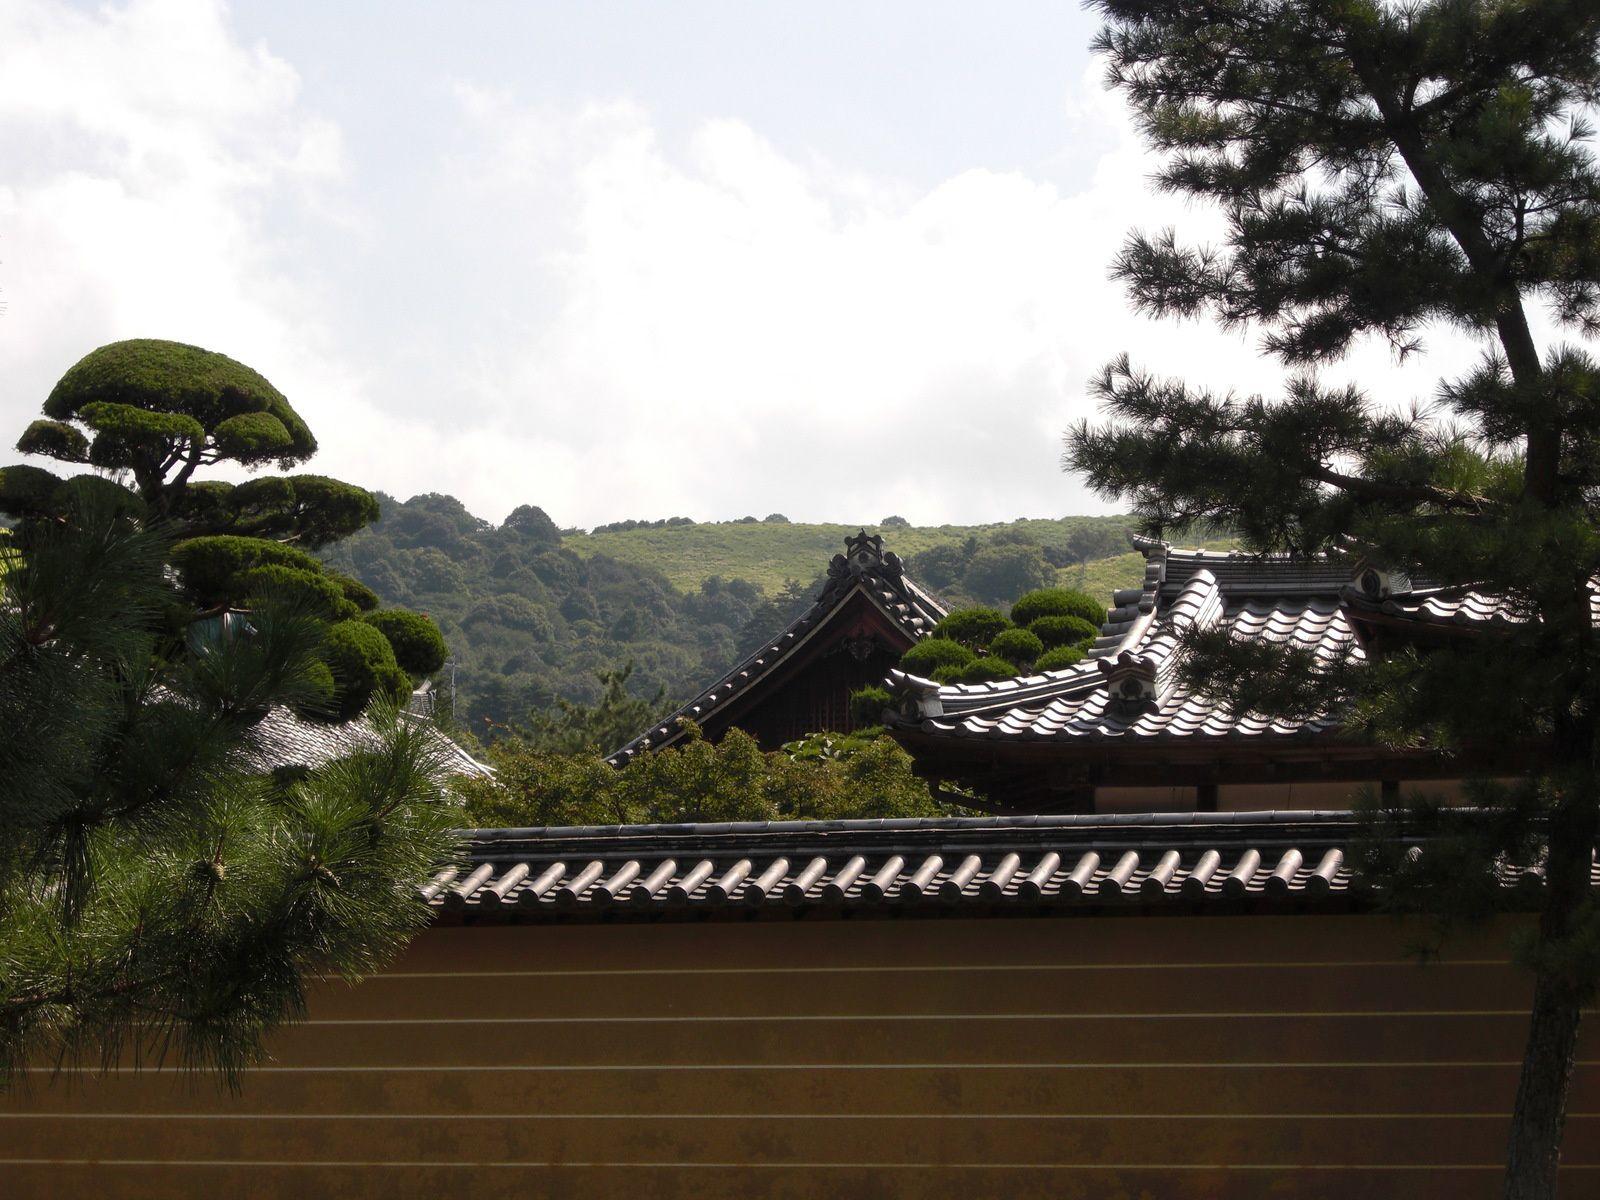 Le plus grand Temple de Nara, avec ses Daims apprivoisés, et le plus grand Bouddha, statue  de Vairocana.